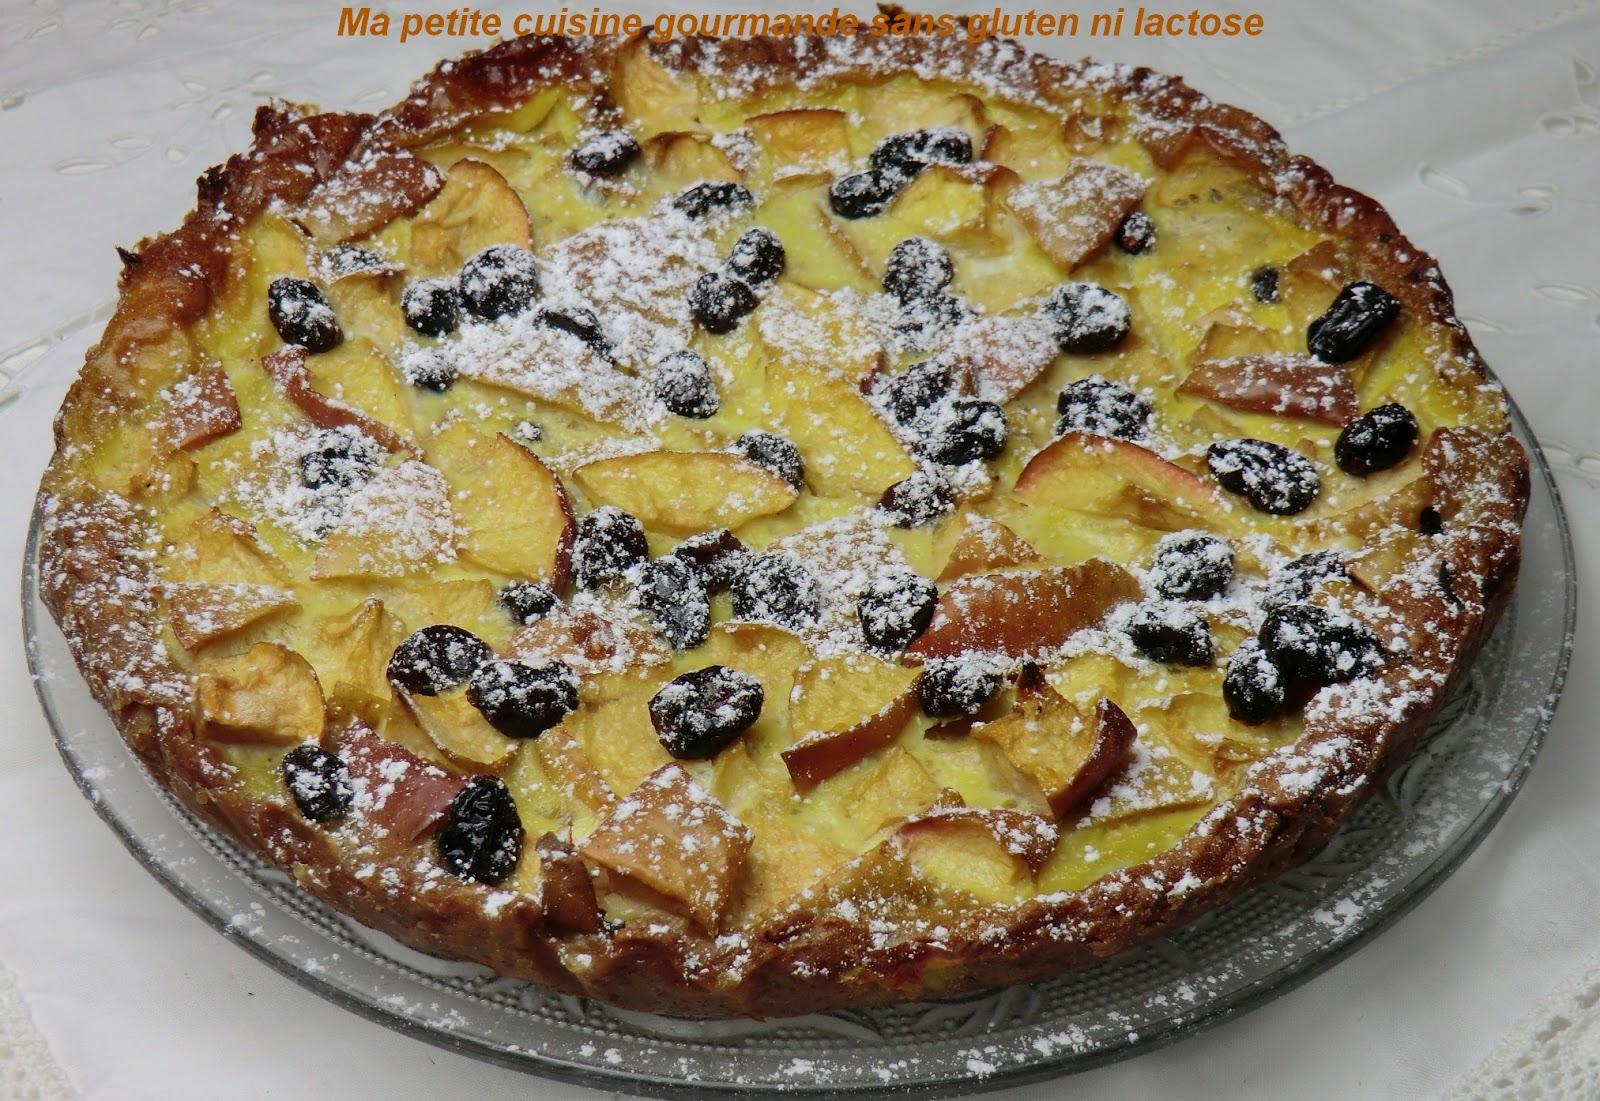 ma cuisine gourmande sans gluten ni lactose tarte aux pommes et cranberries 224 la farine